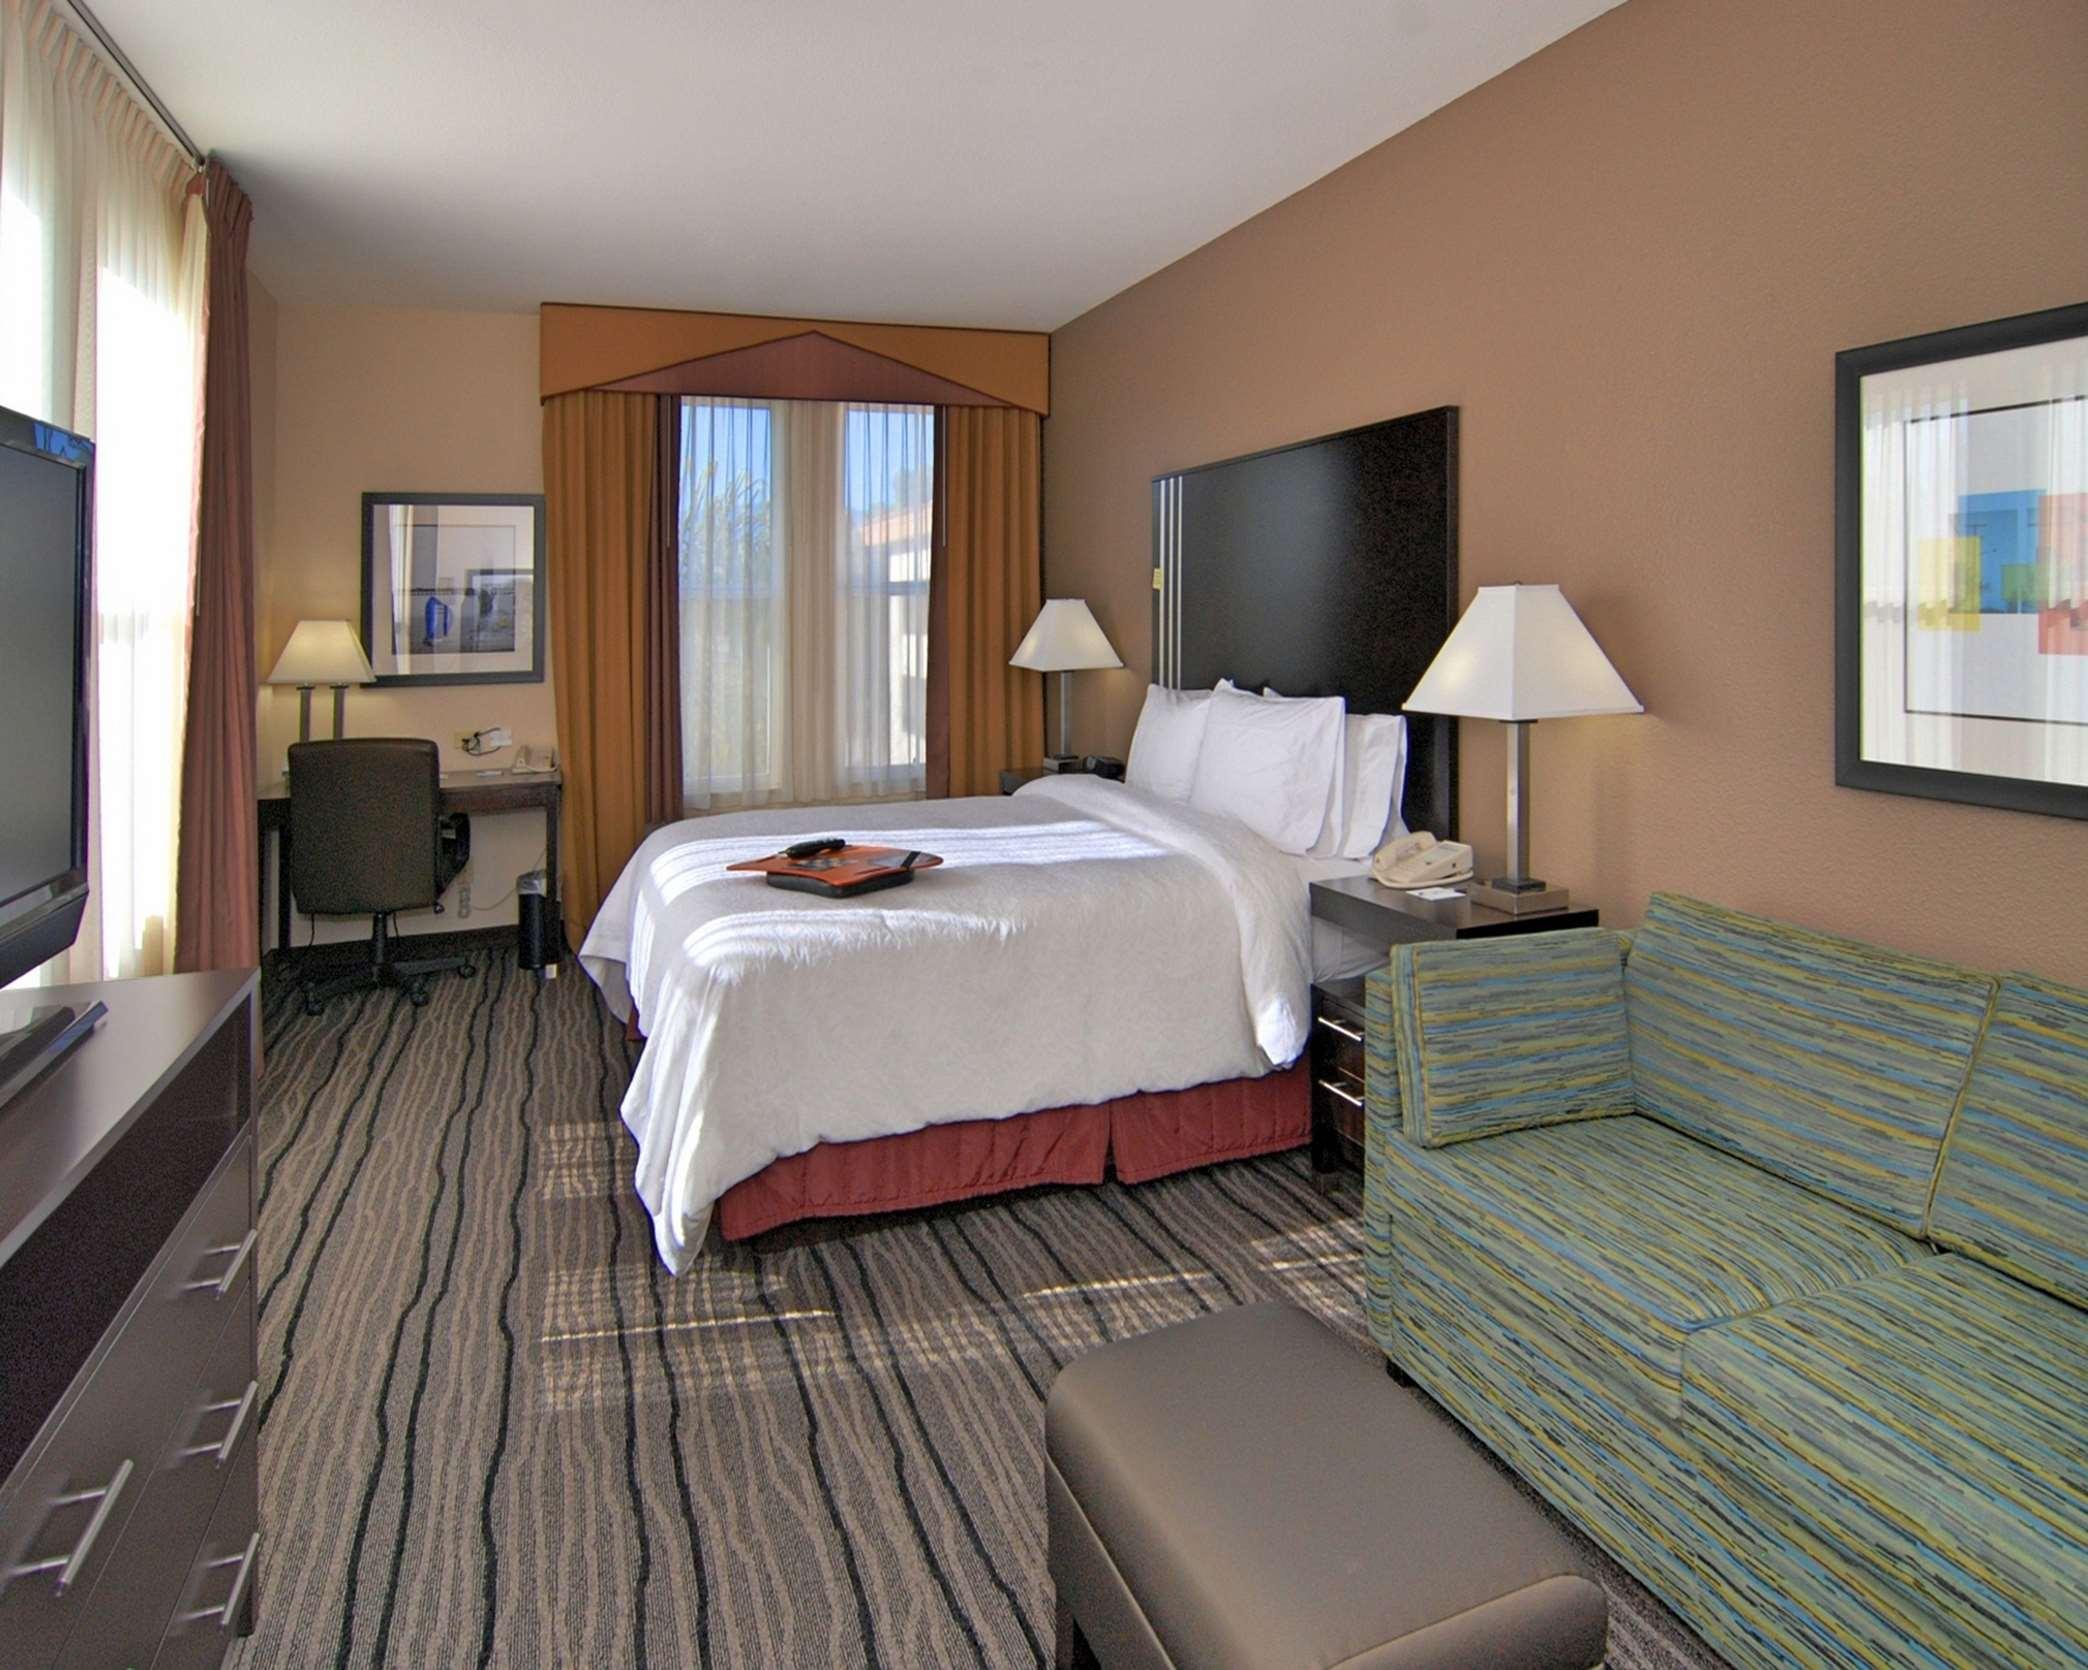 Hampton Inn & Suites Mountain View image 15